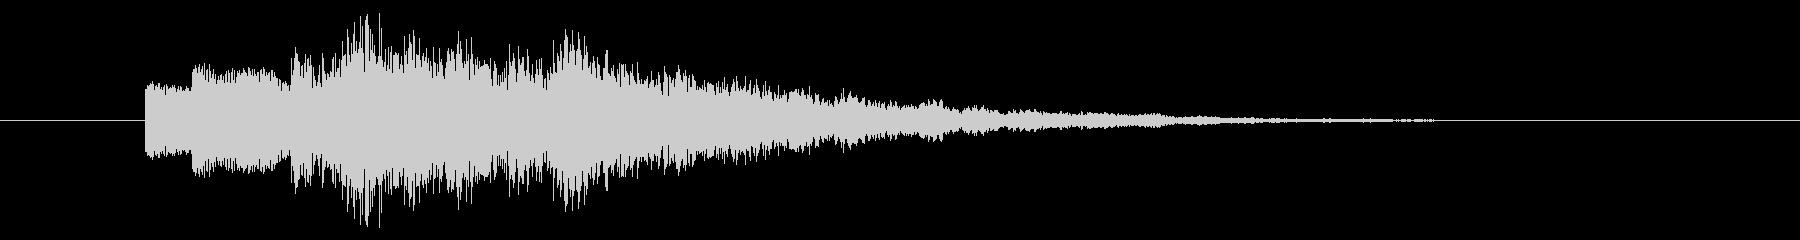 アイテム/取得/キラッ_01の未再生の波形